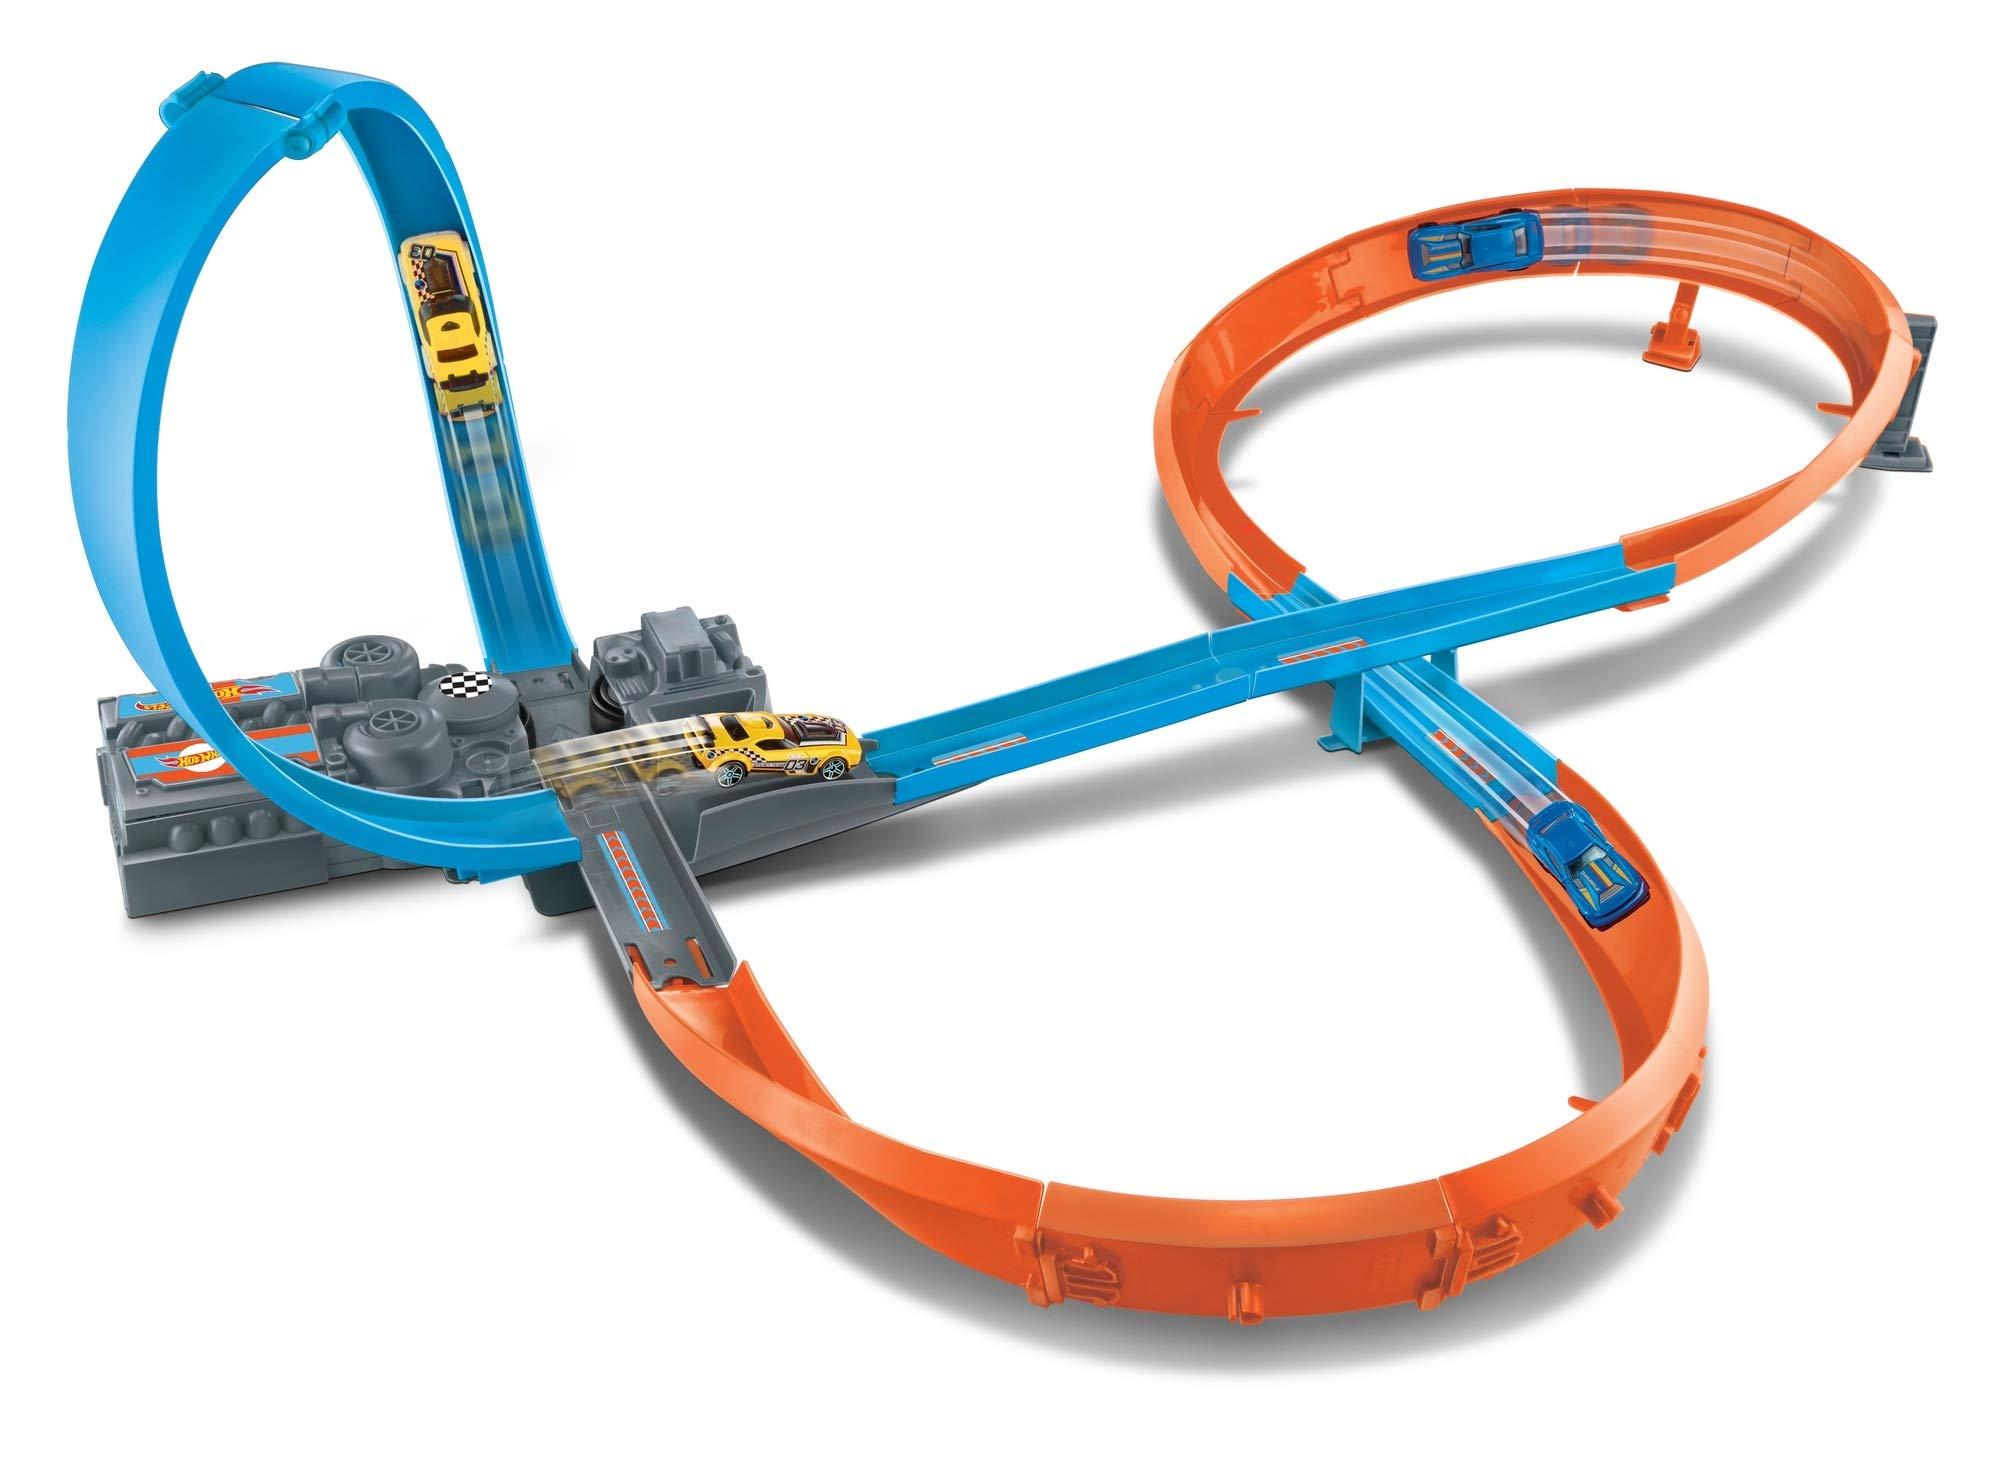 Hot Wheels HW Figure 8 Raceway Trackset incluye 1 DCC (Mattel GGF92): Amazon.es: Juguetes y juegos